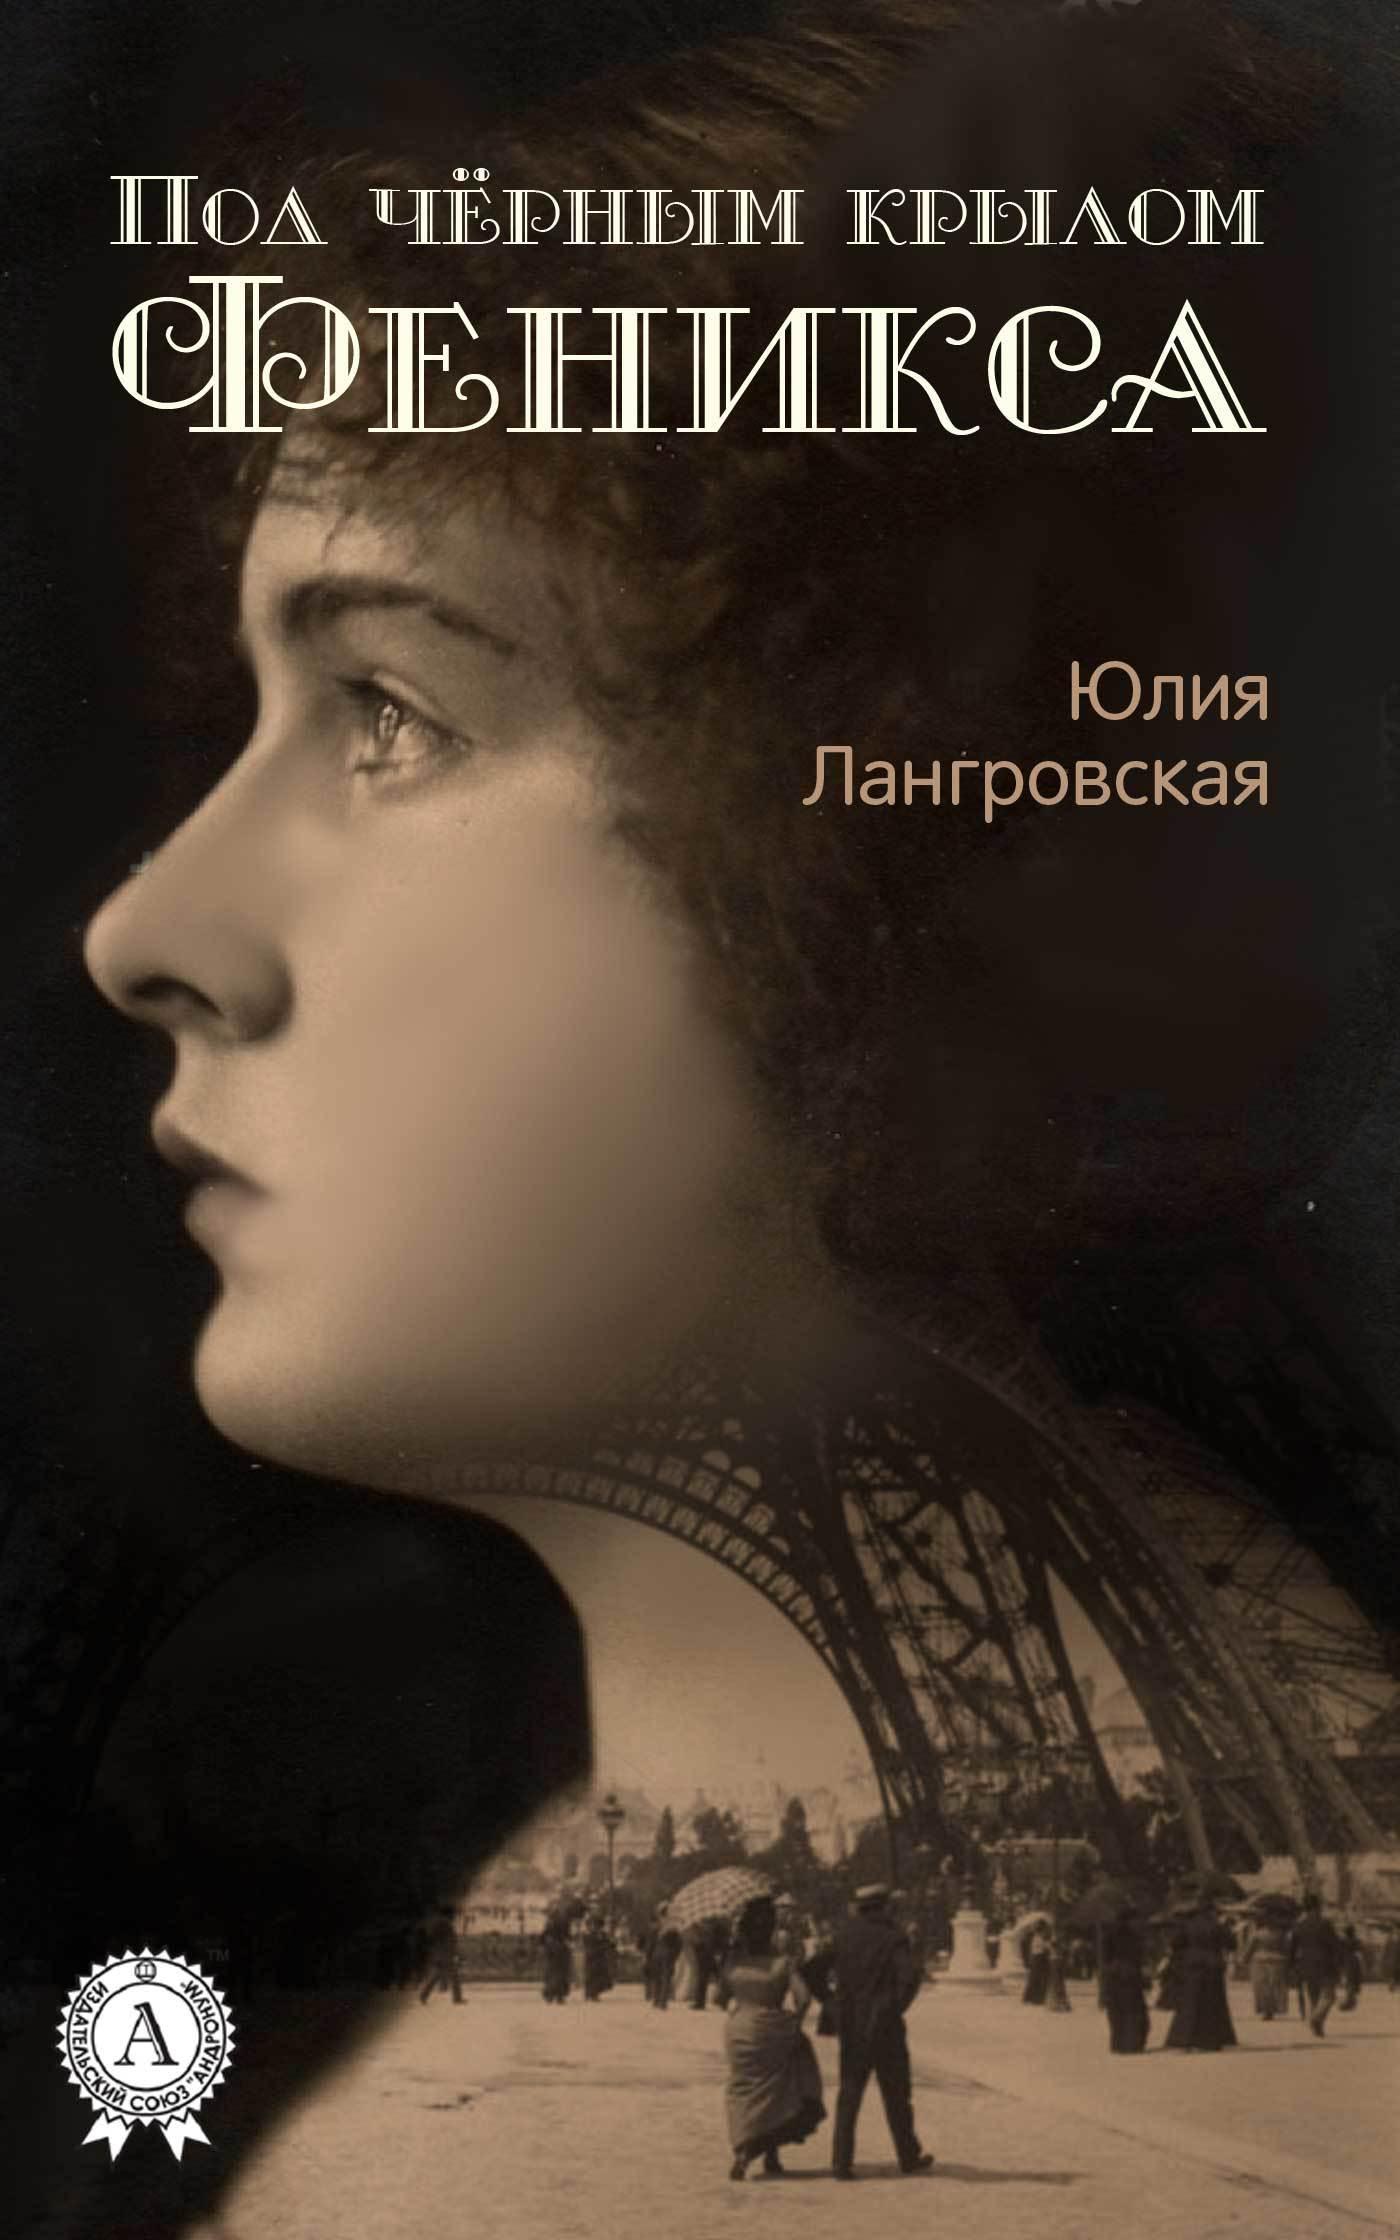 Юлия Лангровская - Под чёрным крылом Феникса